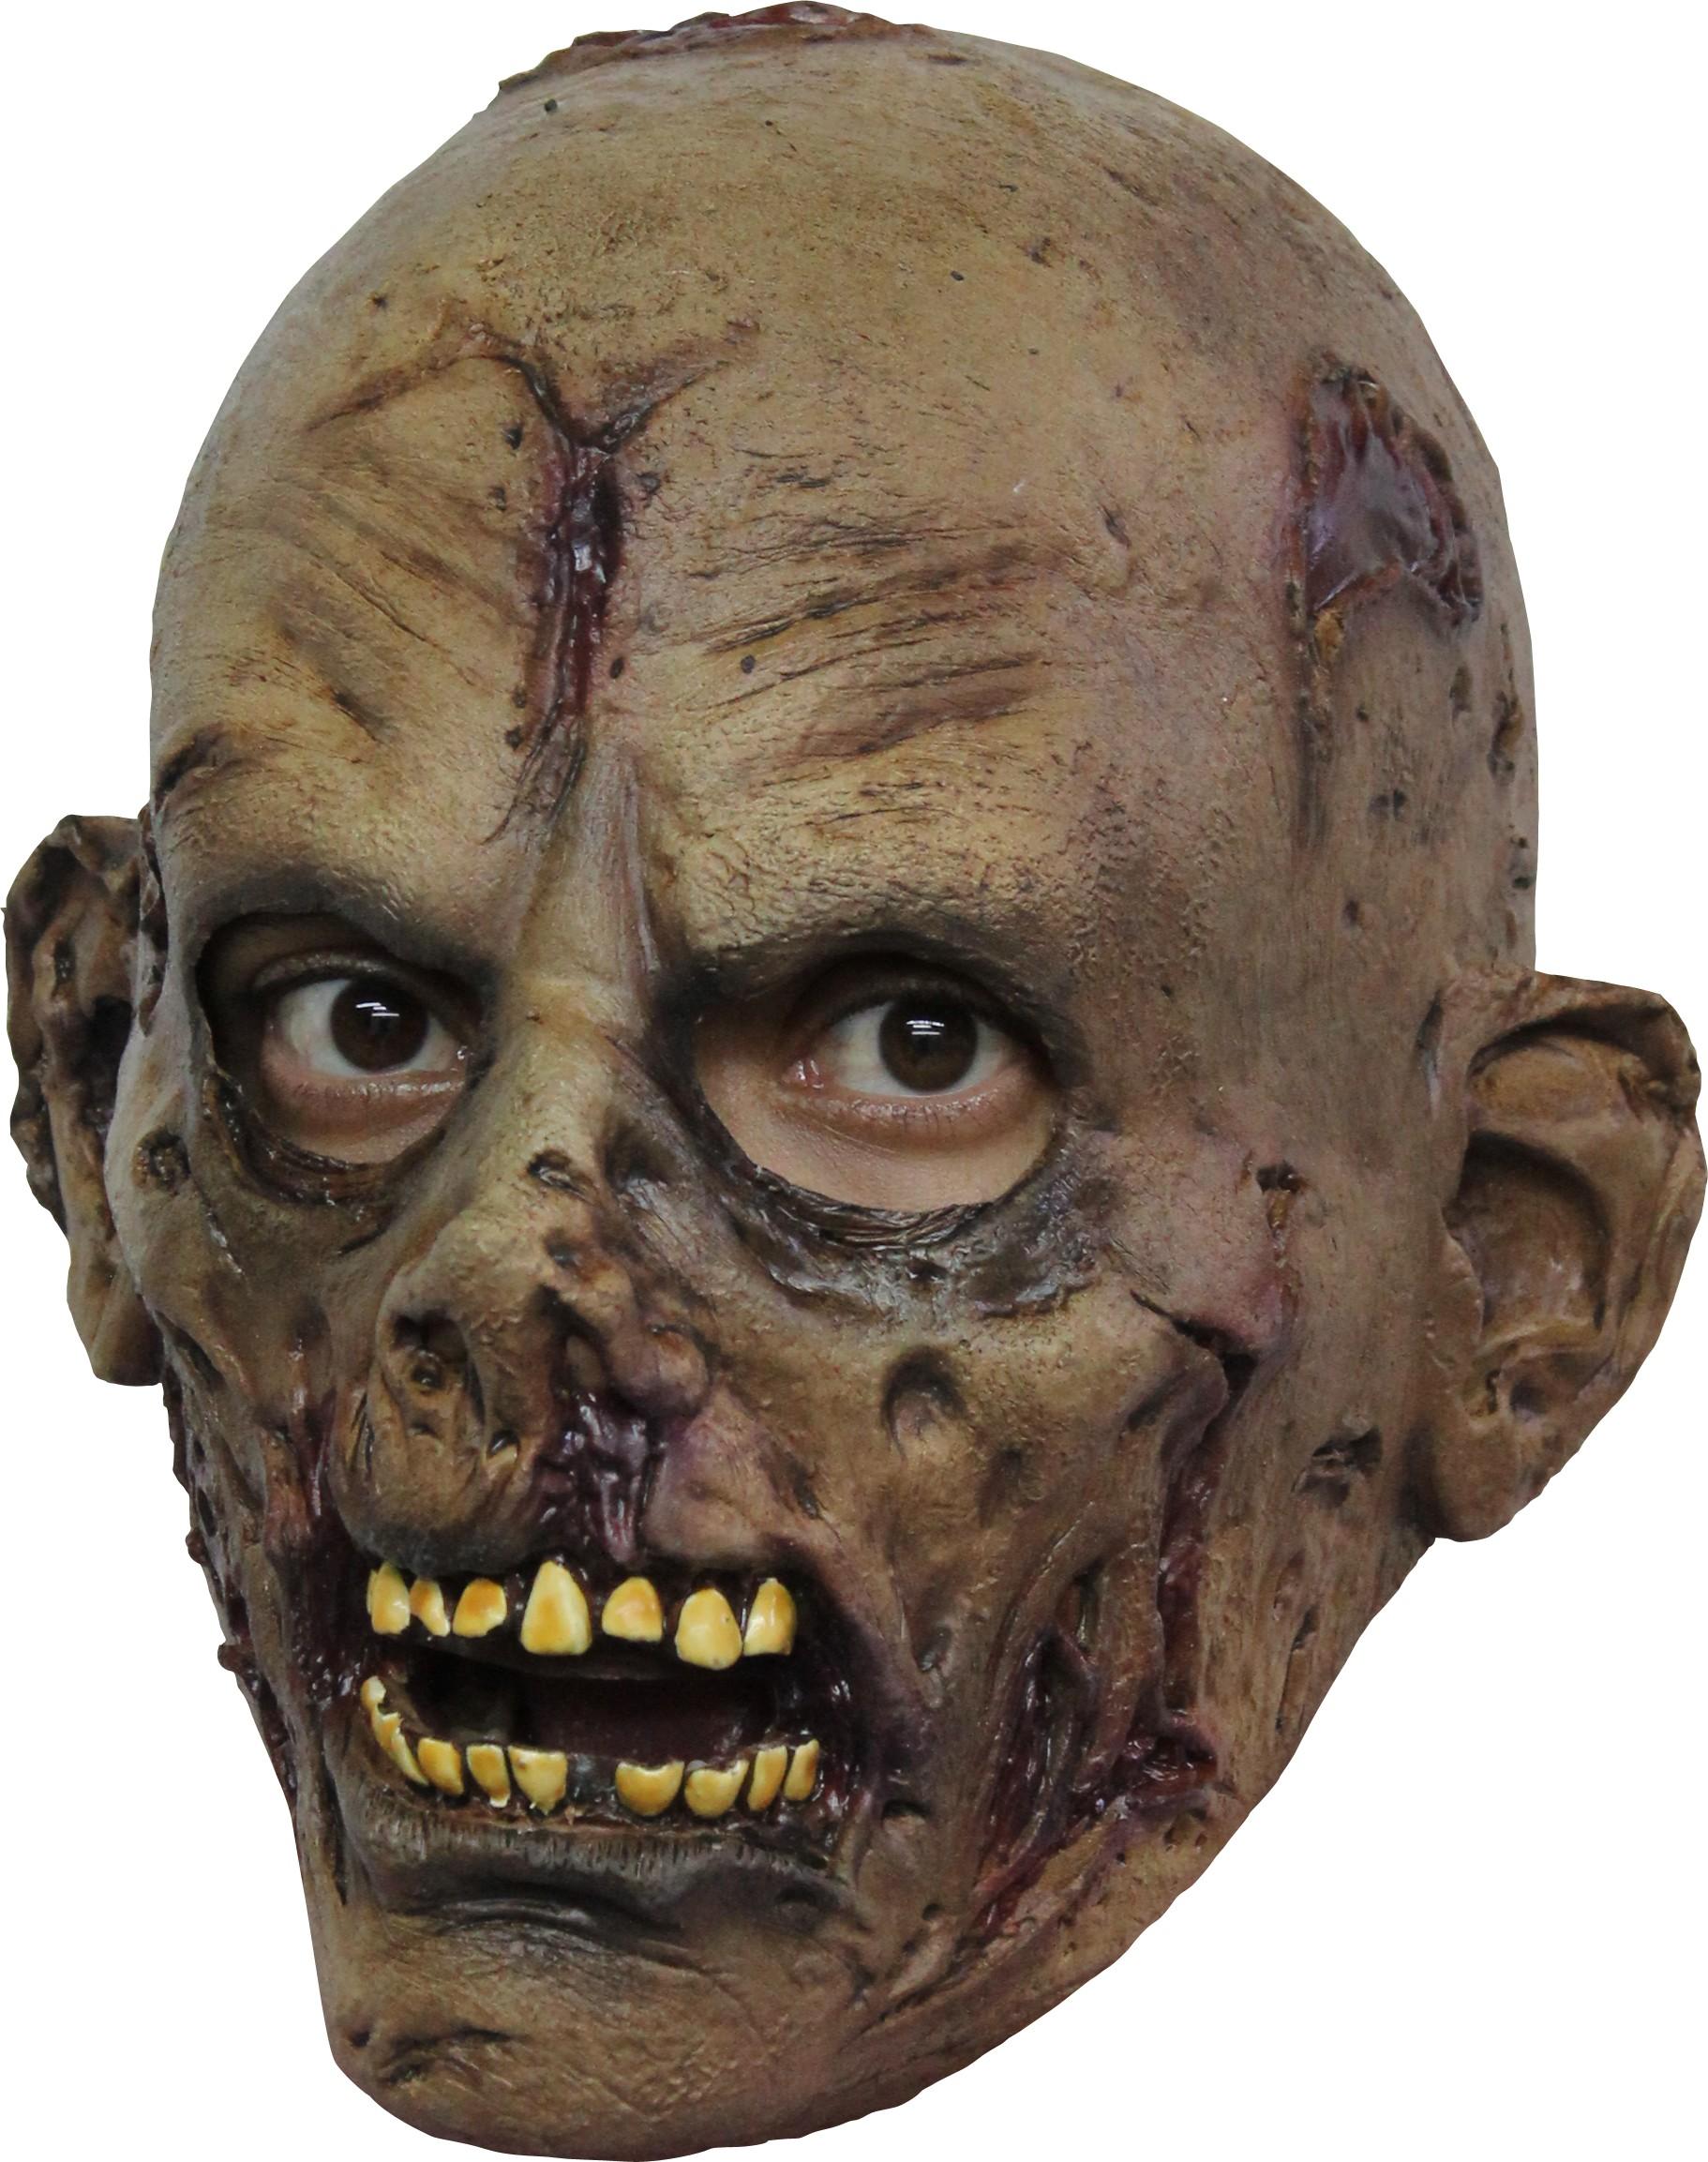 masque mort vivant adulte halloween achat de masques sur vegaoopro grossiste en d guisements. Black Bedroom Furniture Sets. Home Design Ideas